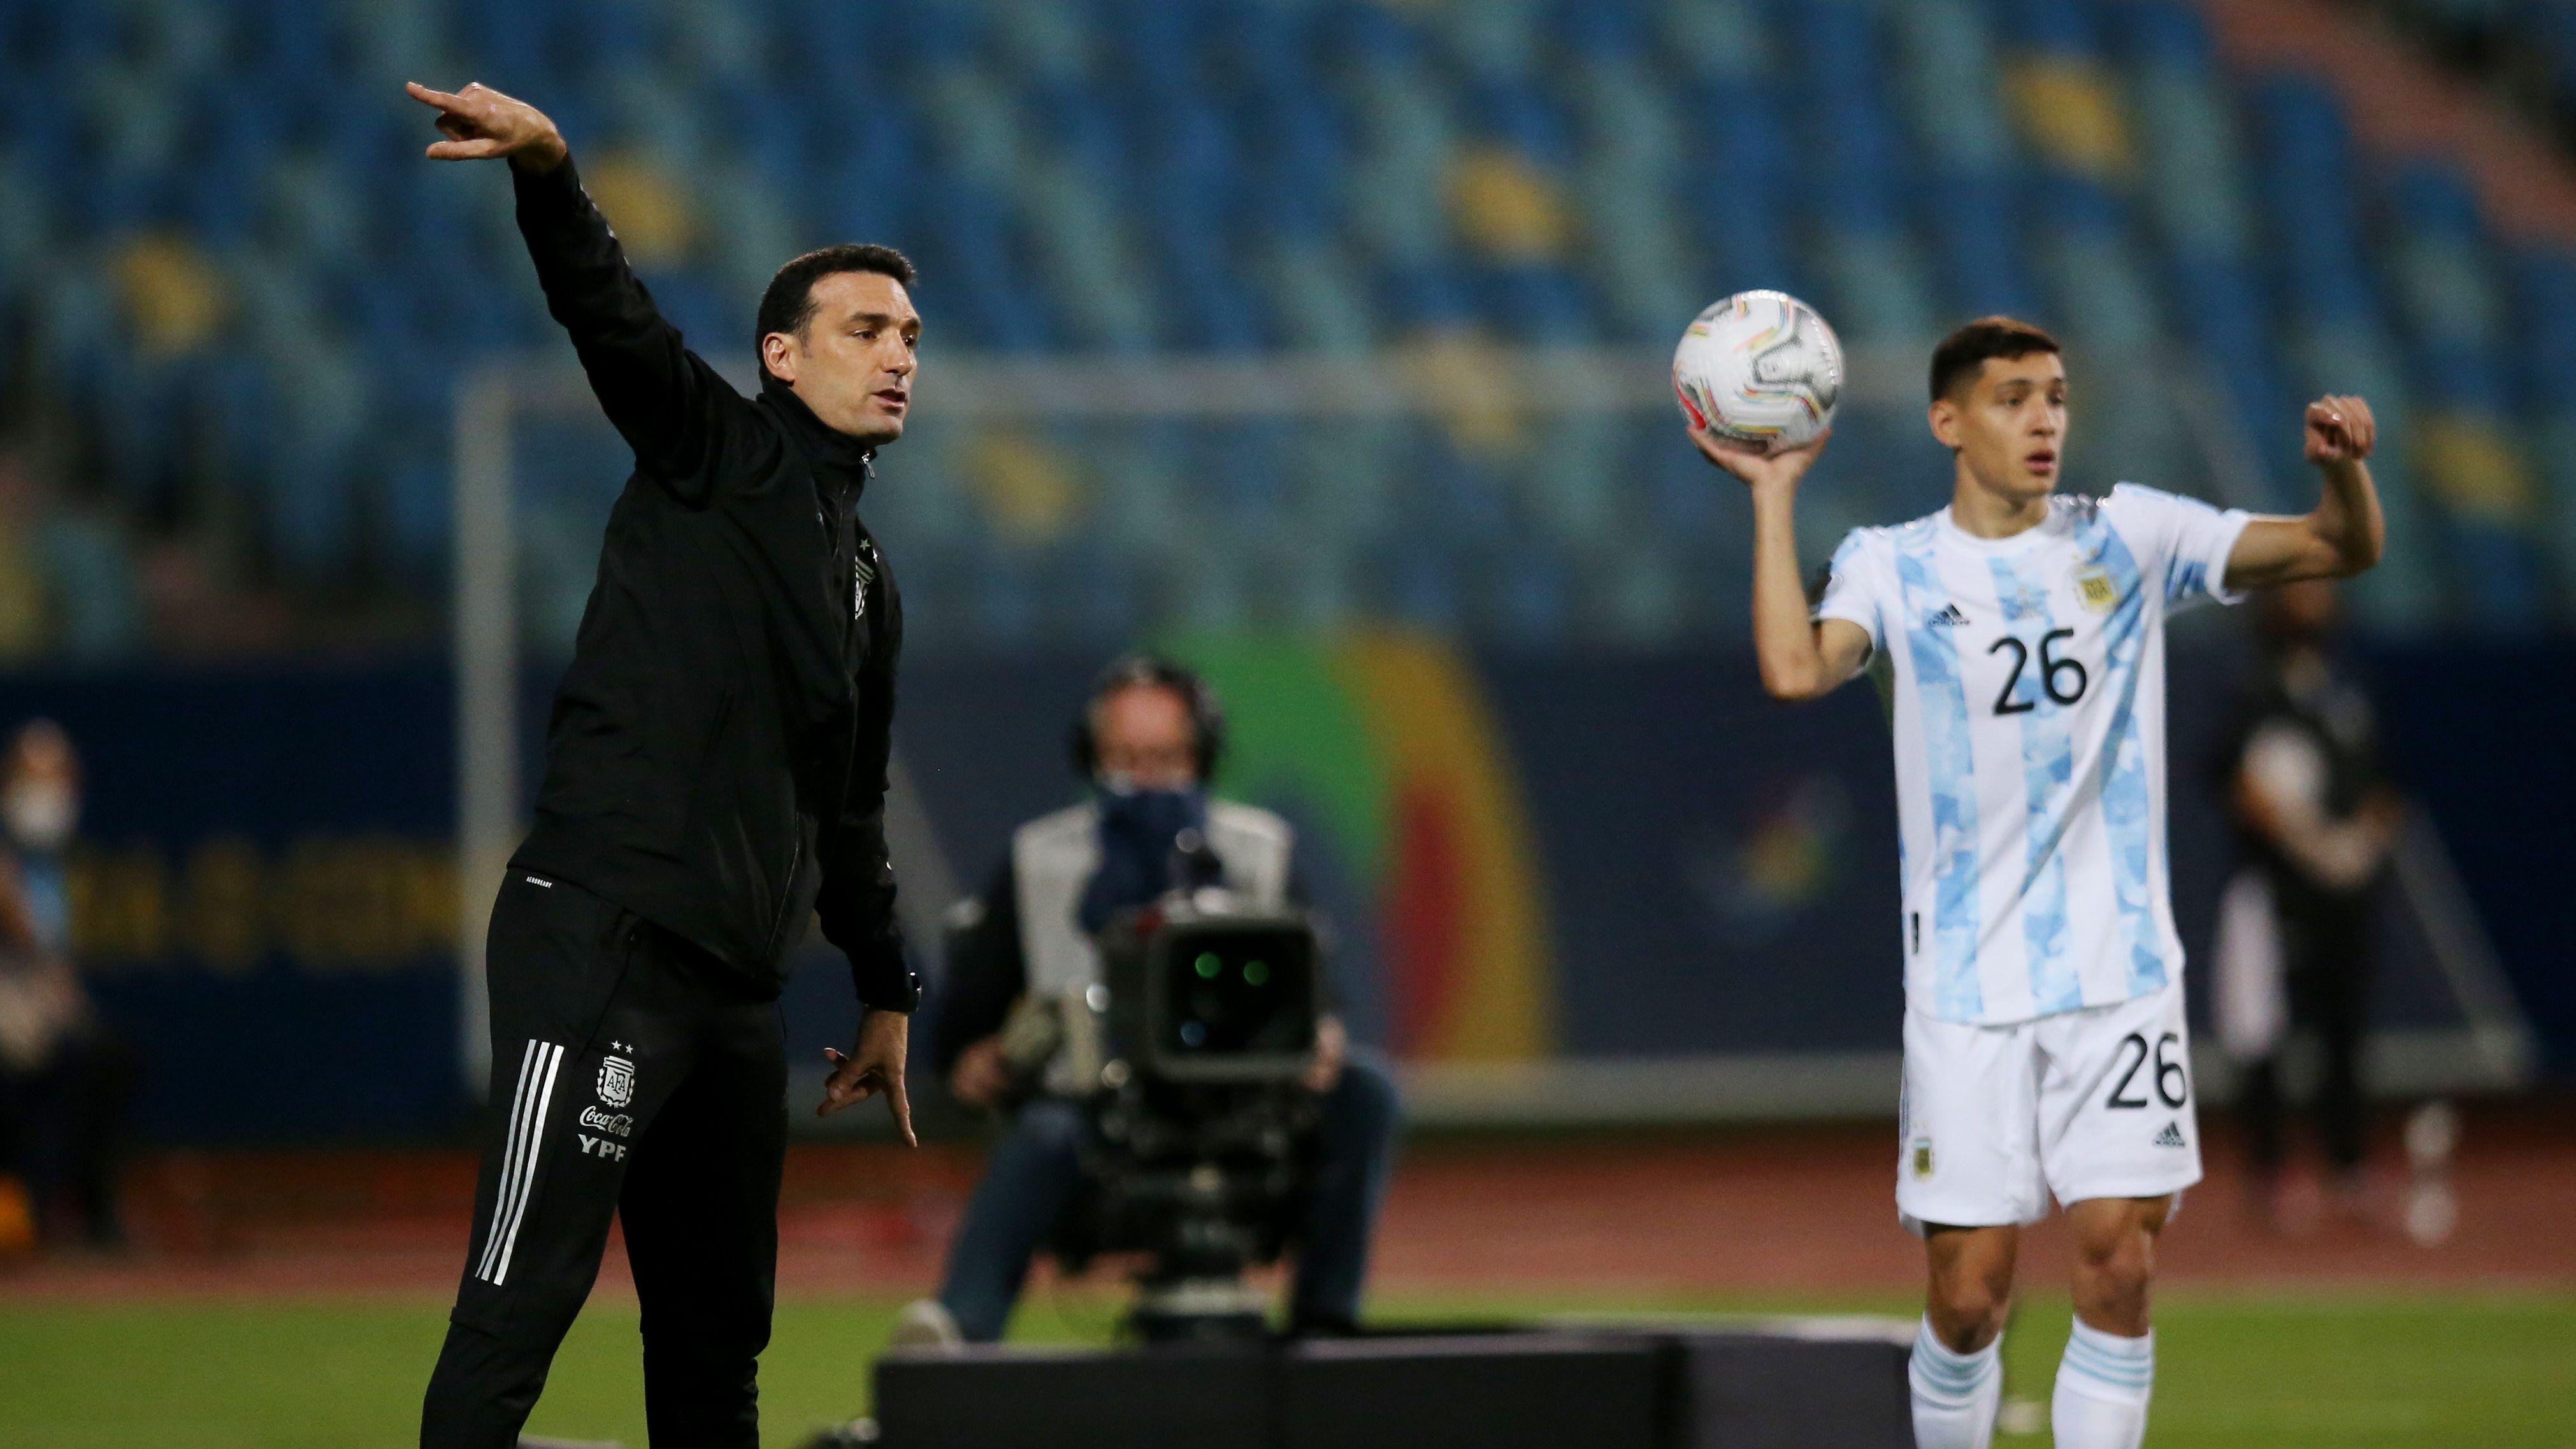 Lionel Scaloni da indicaciones, mientras Nahuel Molina se prepara para reanudar el juego ante Ecuador. Foto: REUTERS/Diego Vara